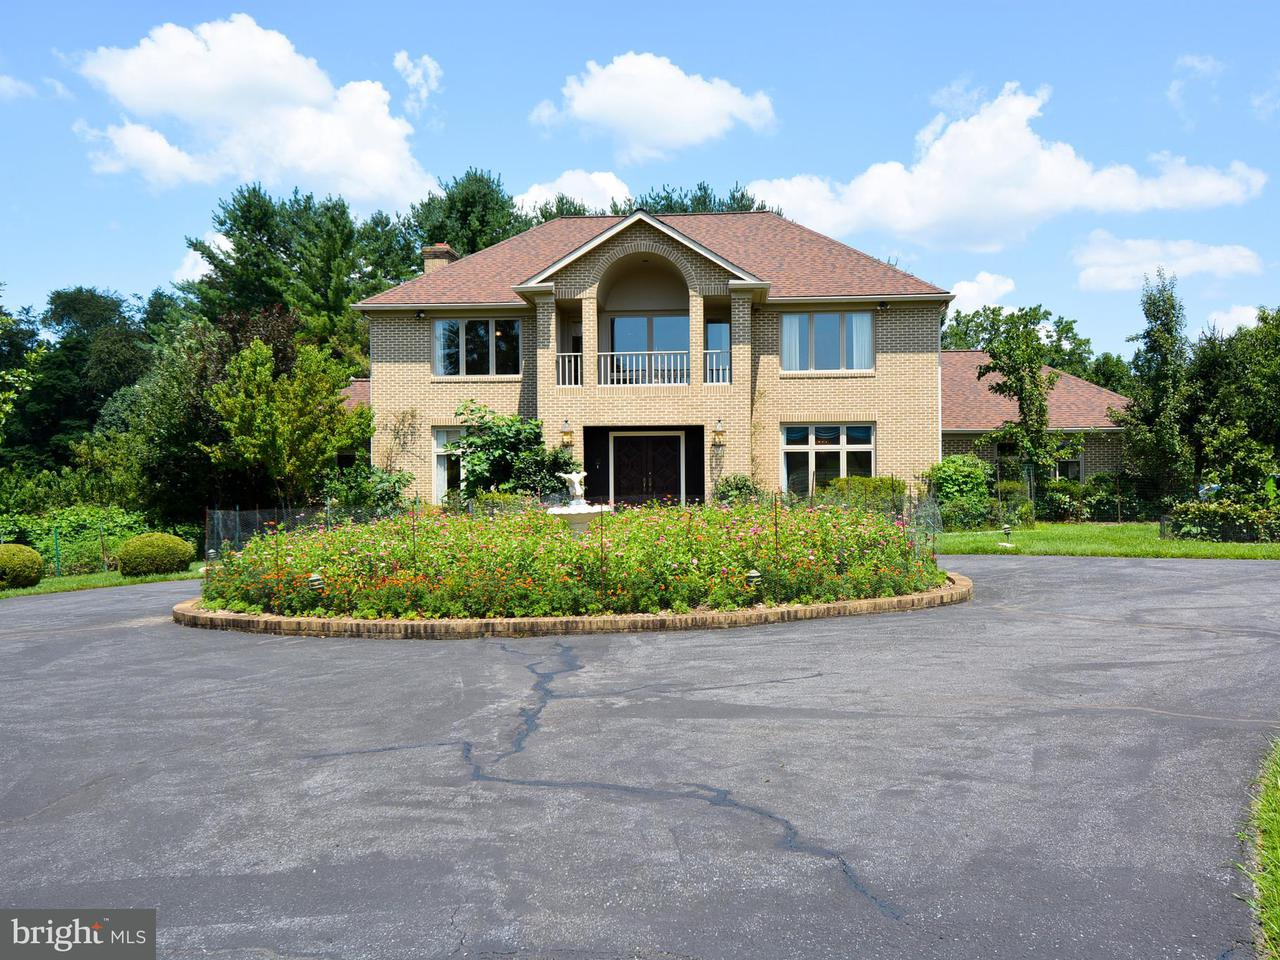 단독 가정 주택 용 매매 에 13113 BRUSHWOOD WAY 13113 BRUSHWOOD WAY Rockville, 메릴랜드 20854 미국